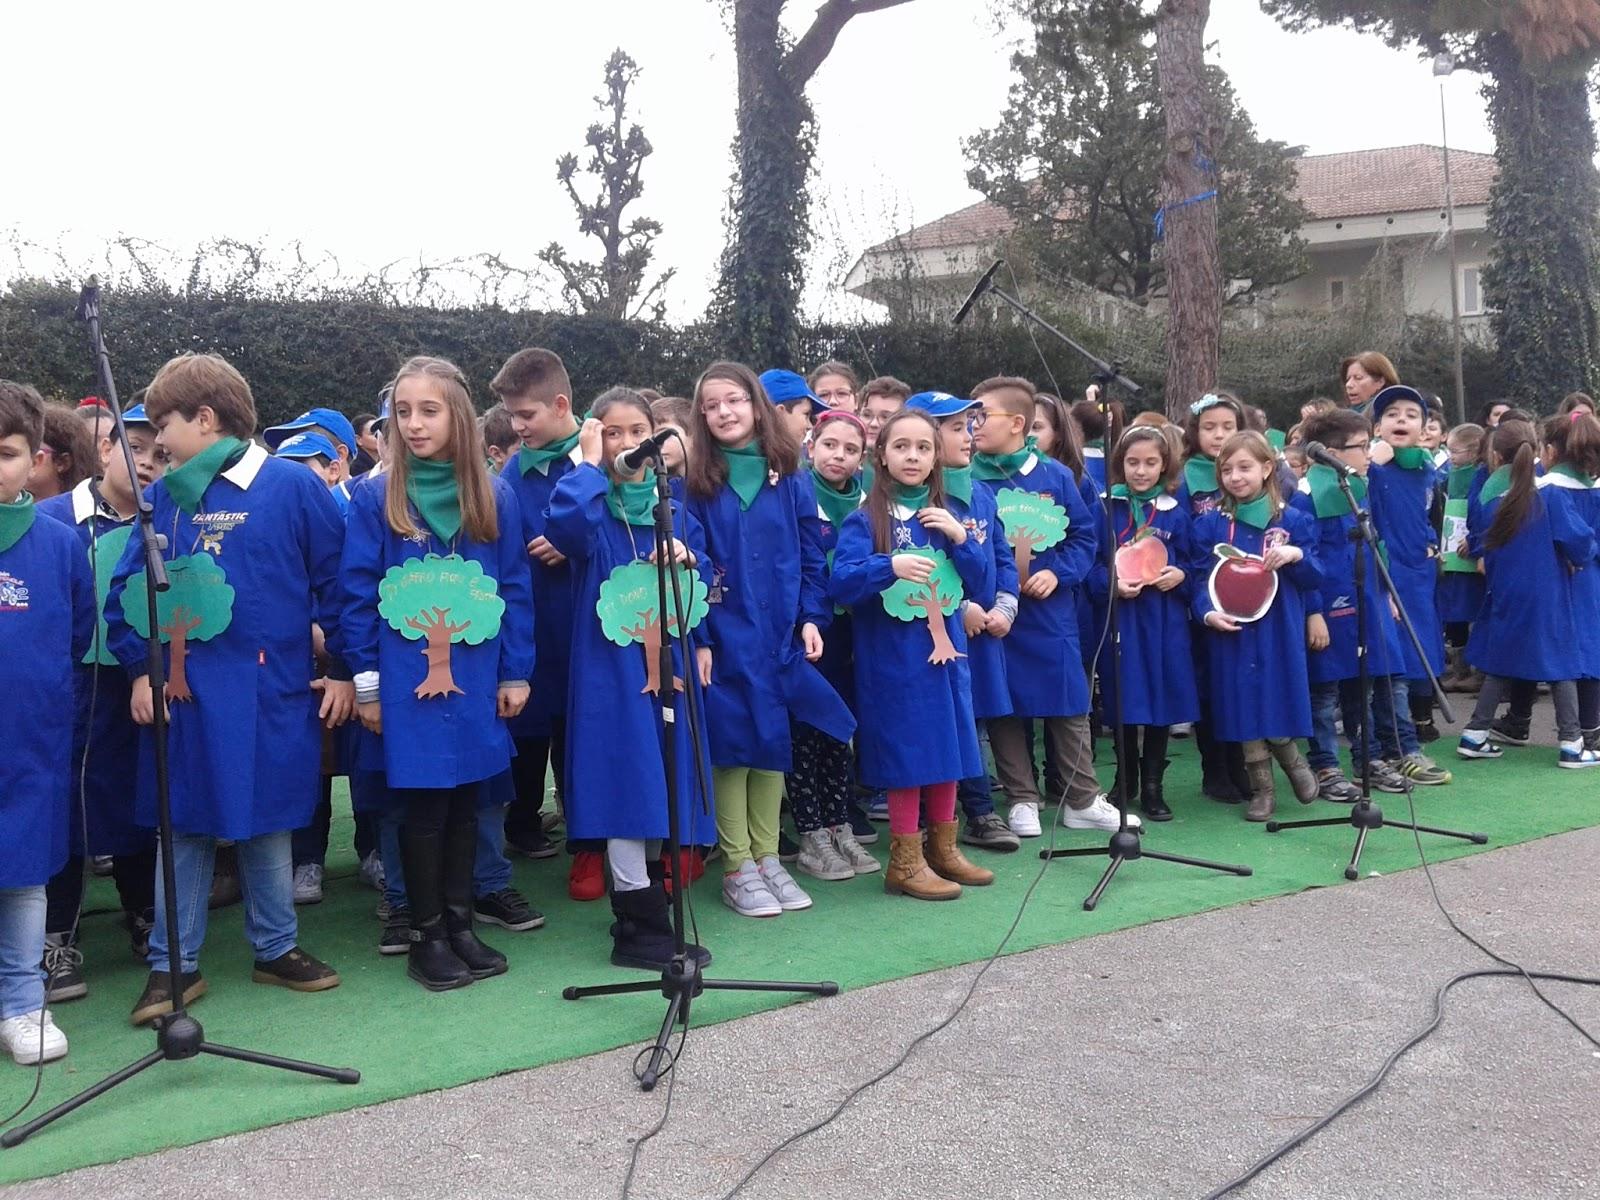 Un momento della manifestazione Gli alunni si preparano ad esibire un canto